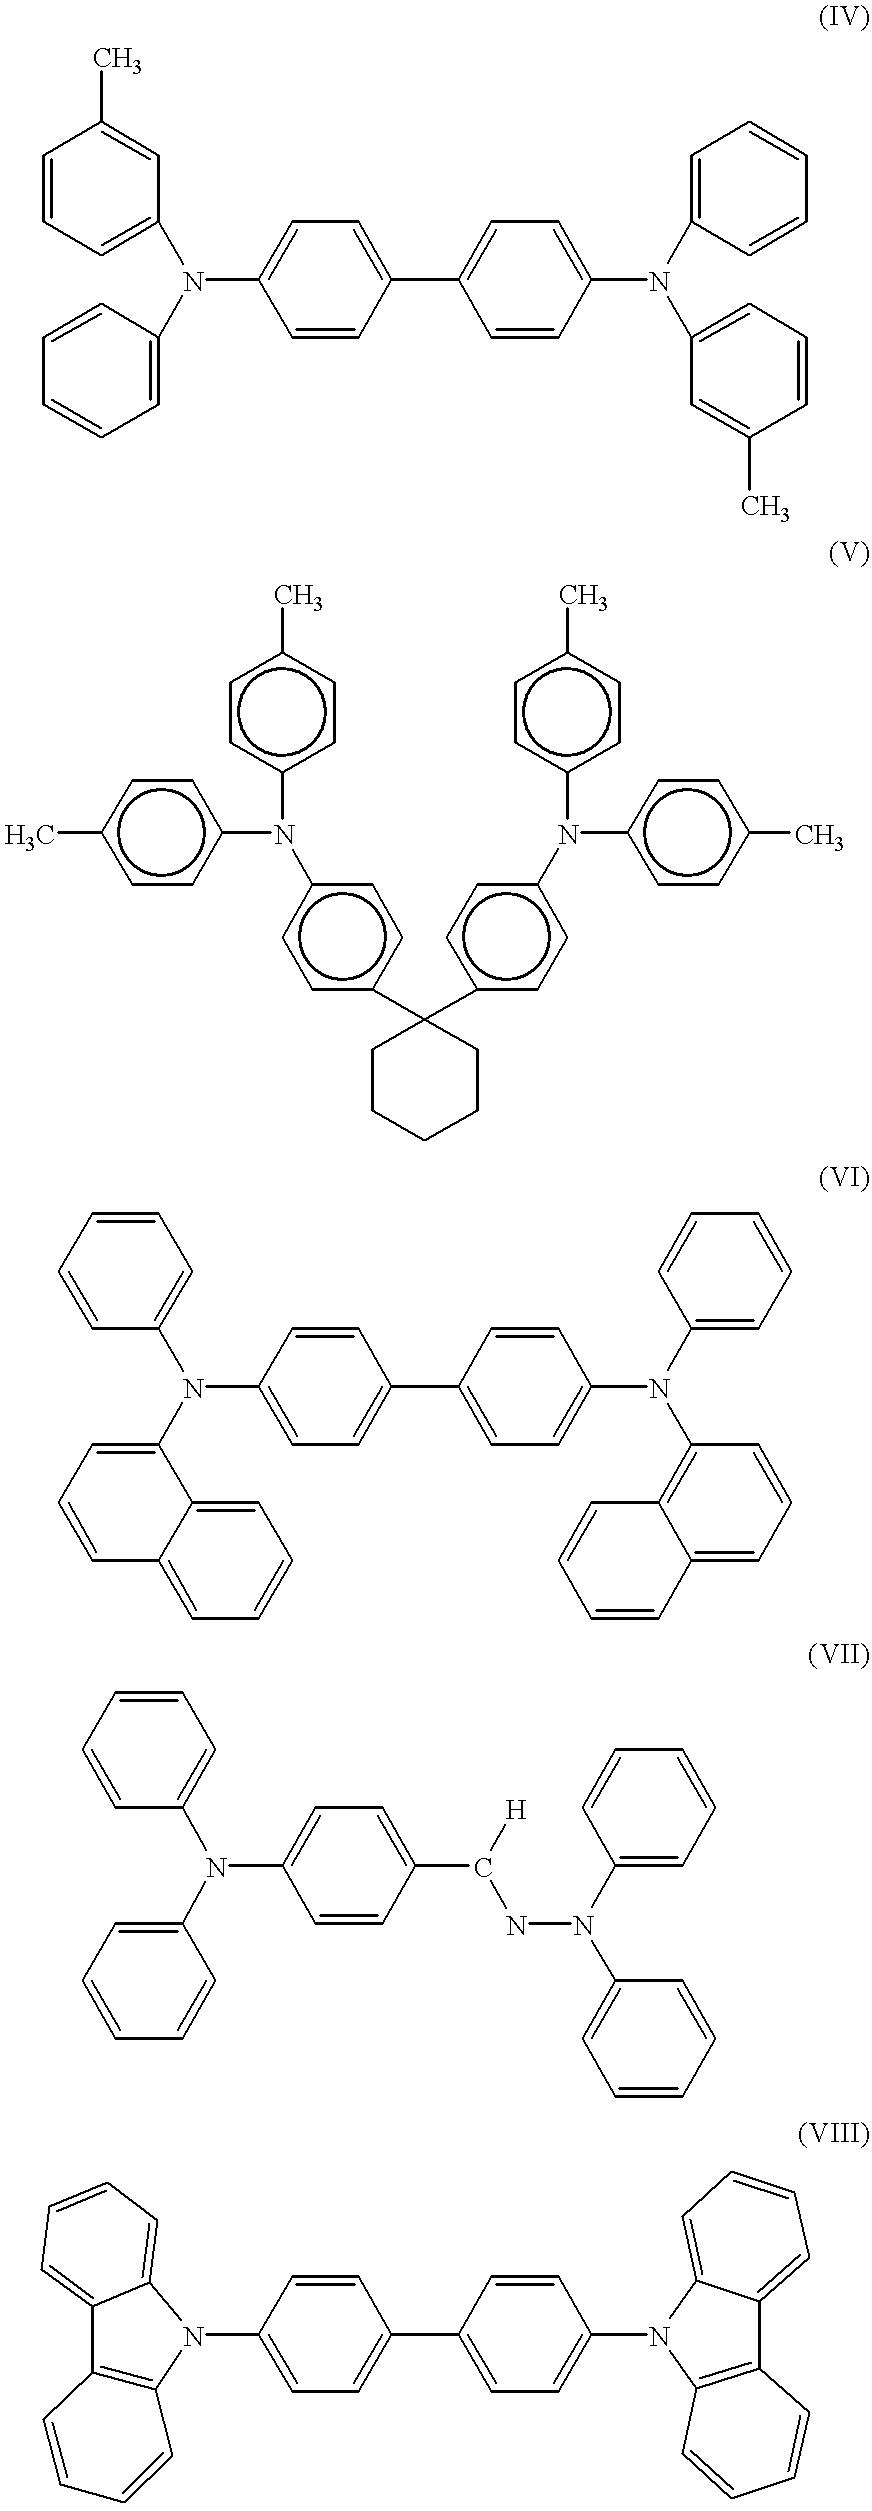 Figure US20010005528A1-20010628-C00007